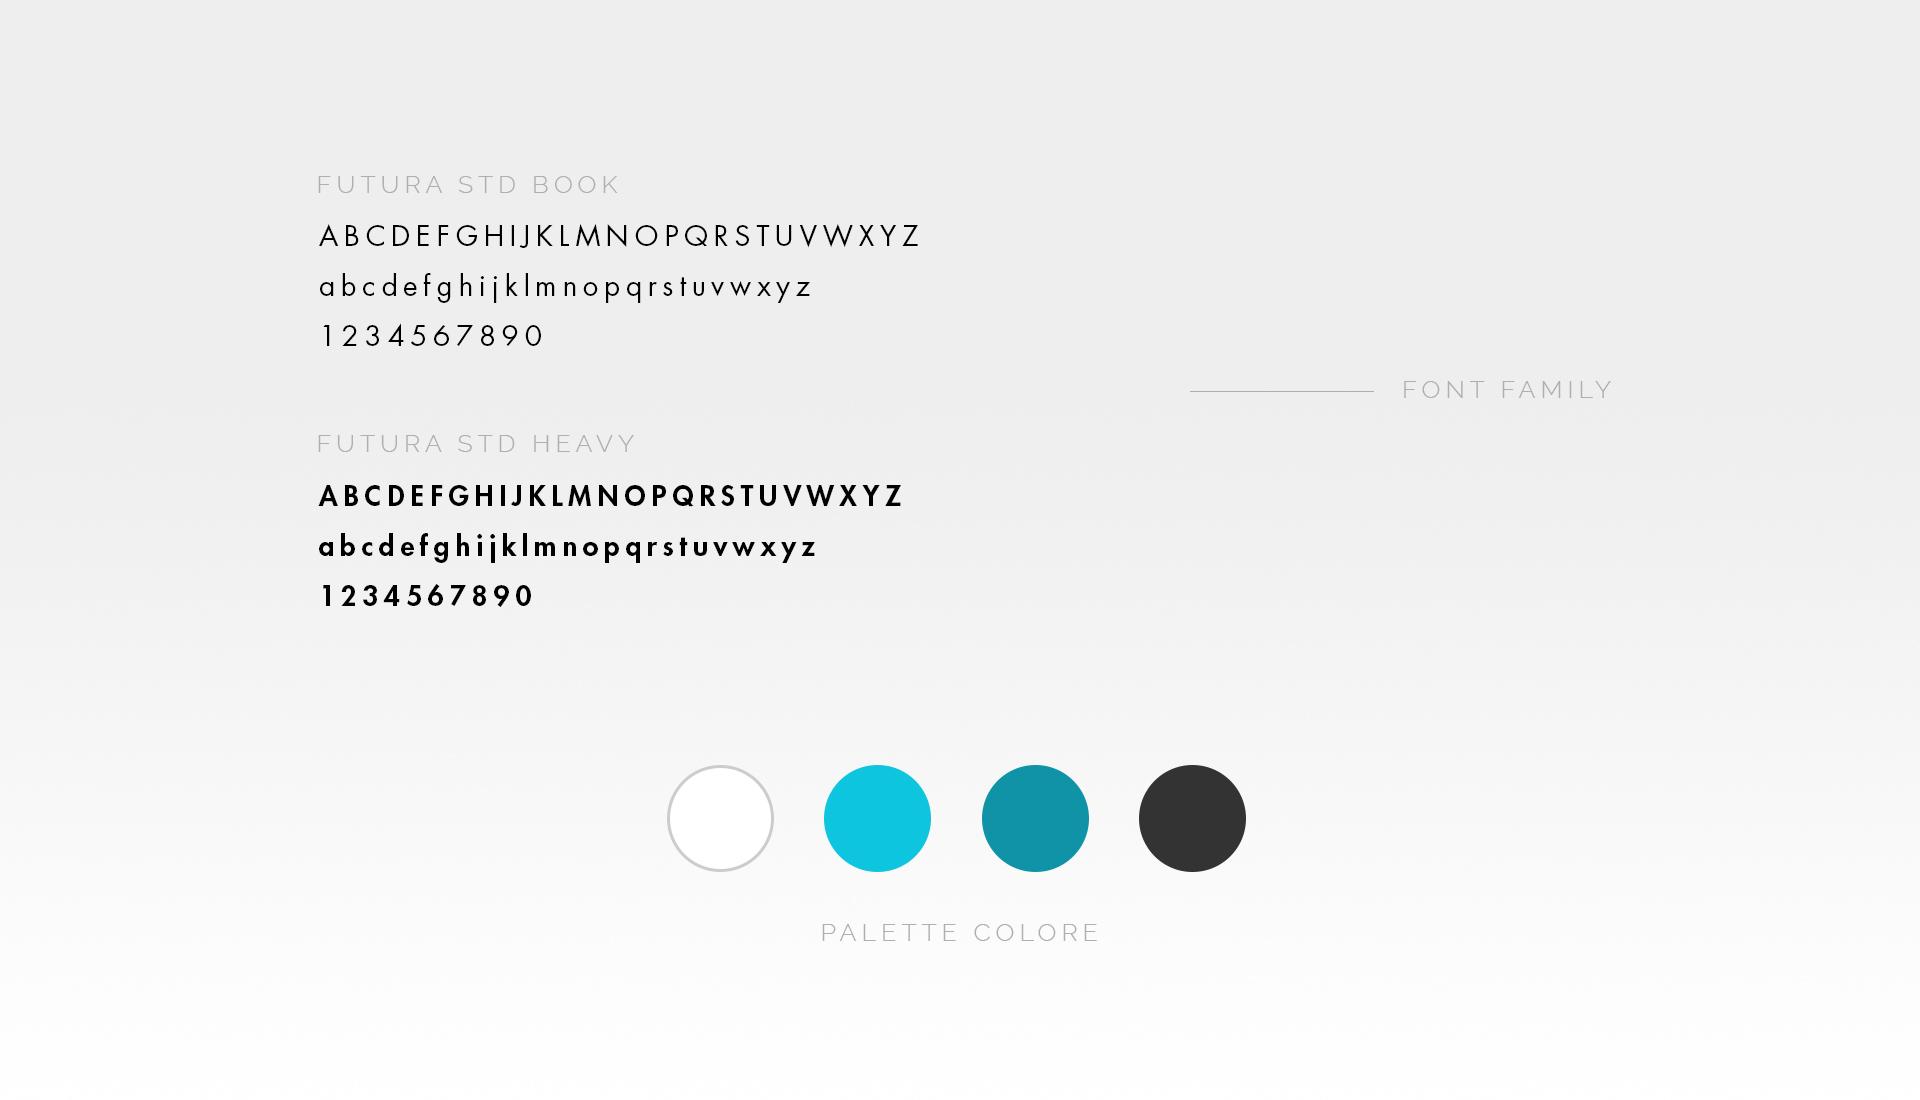 exuviance-palette-colore